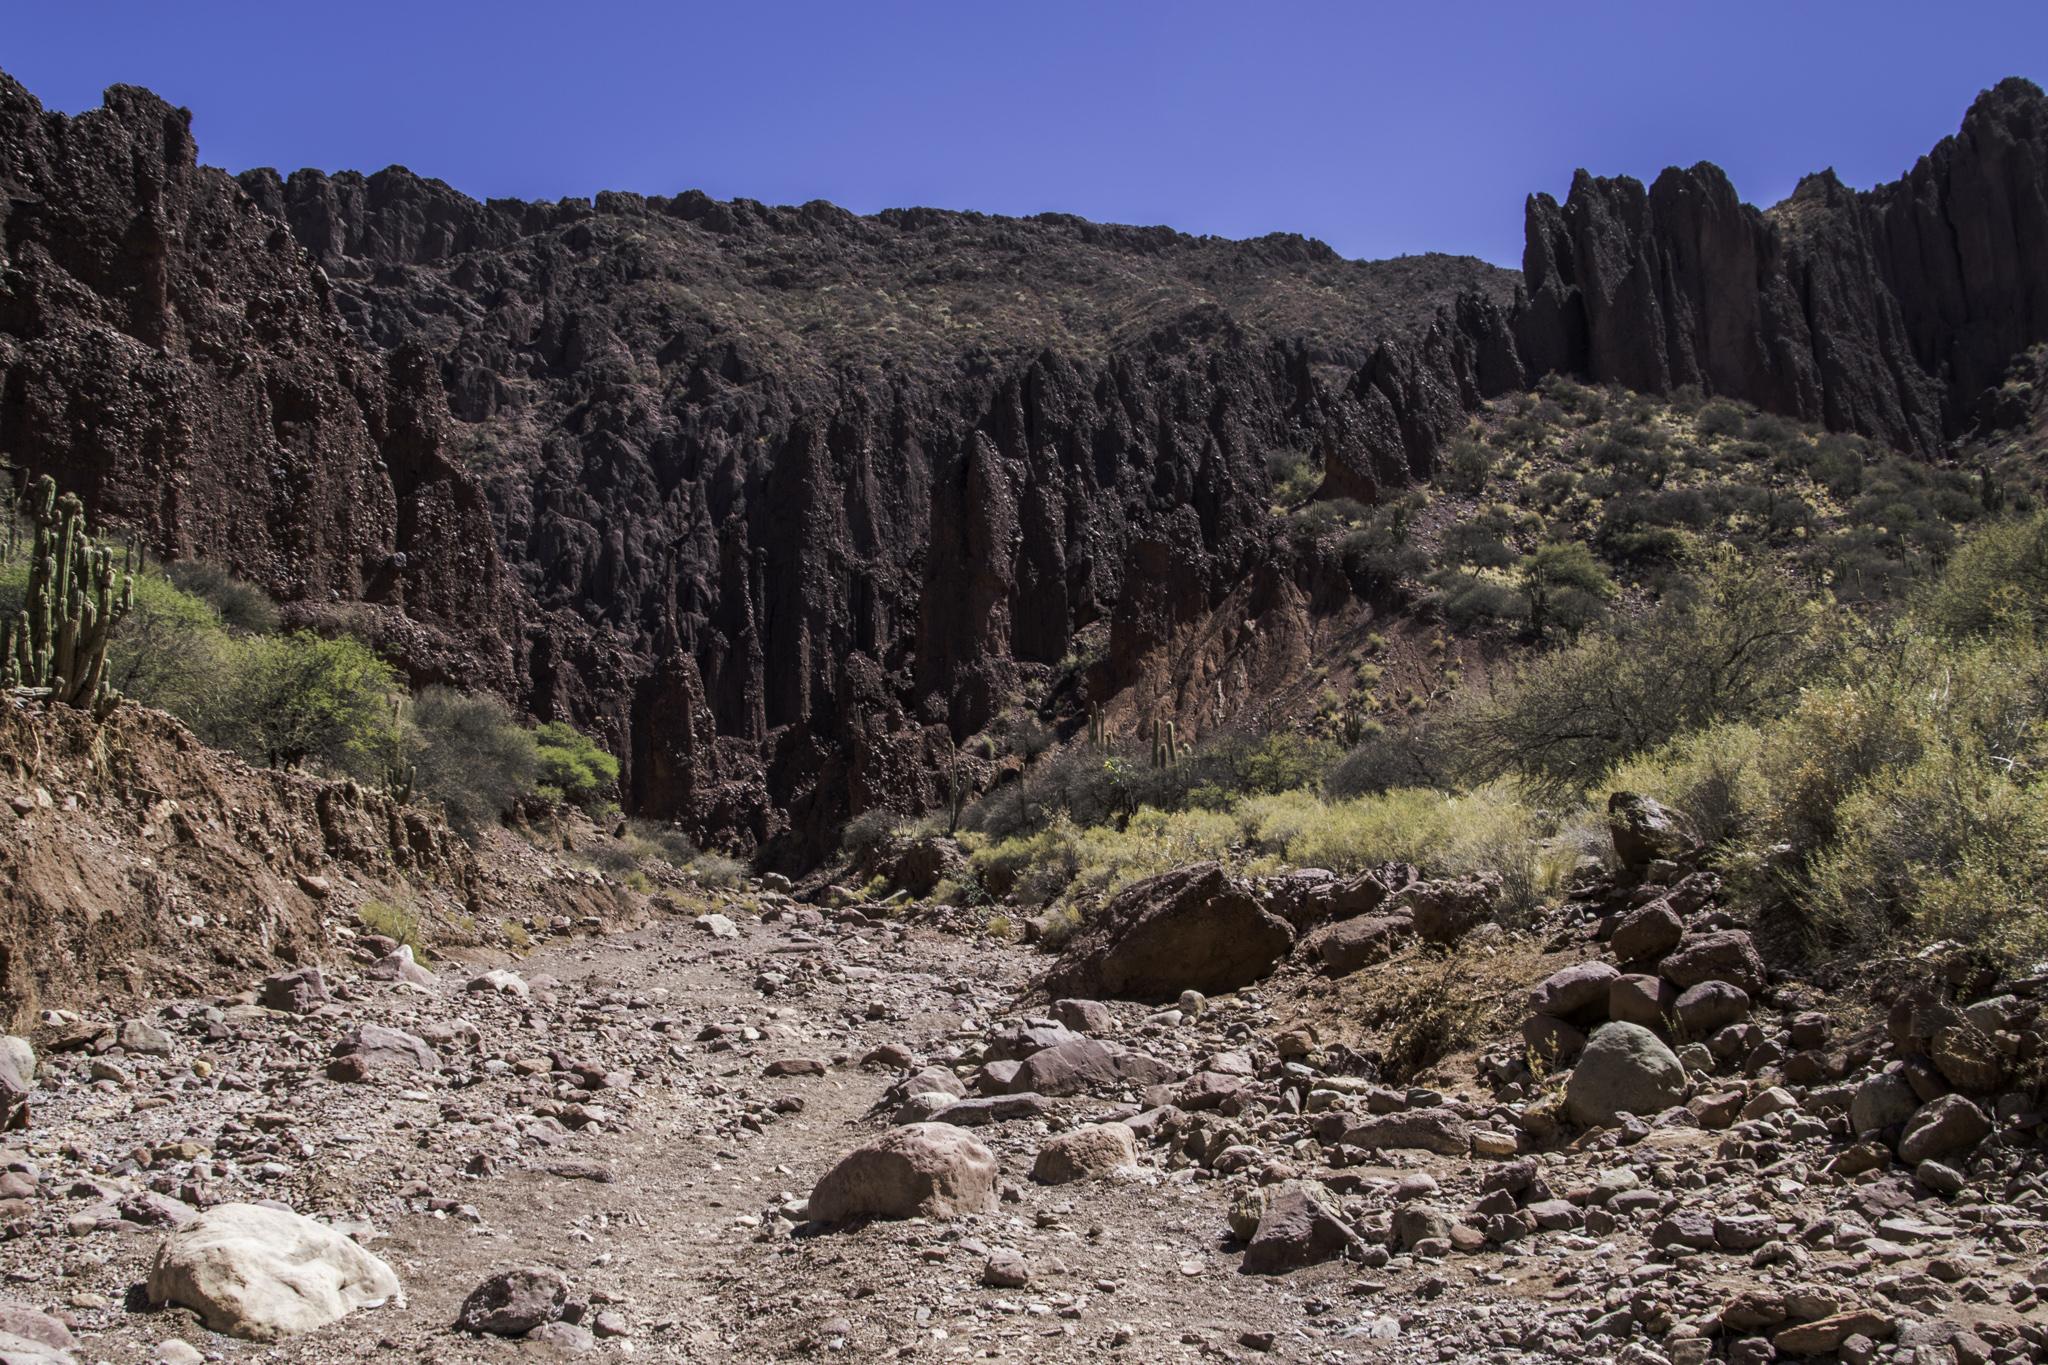 Spektakuläre Felsformationen aus Sandstein